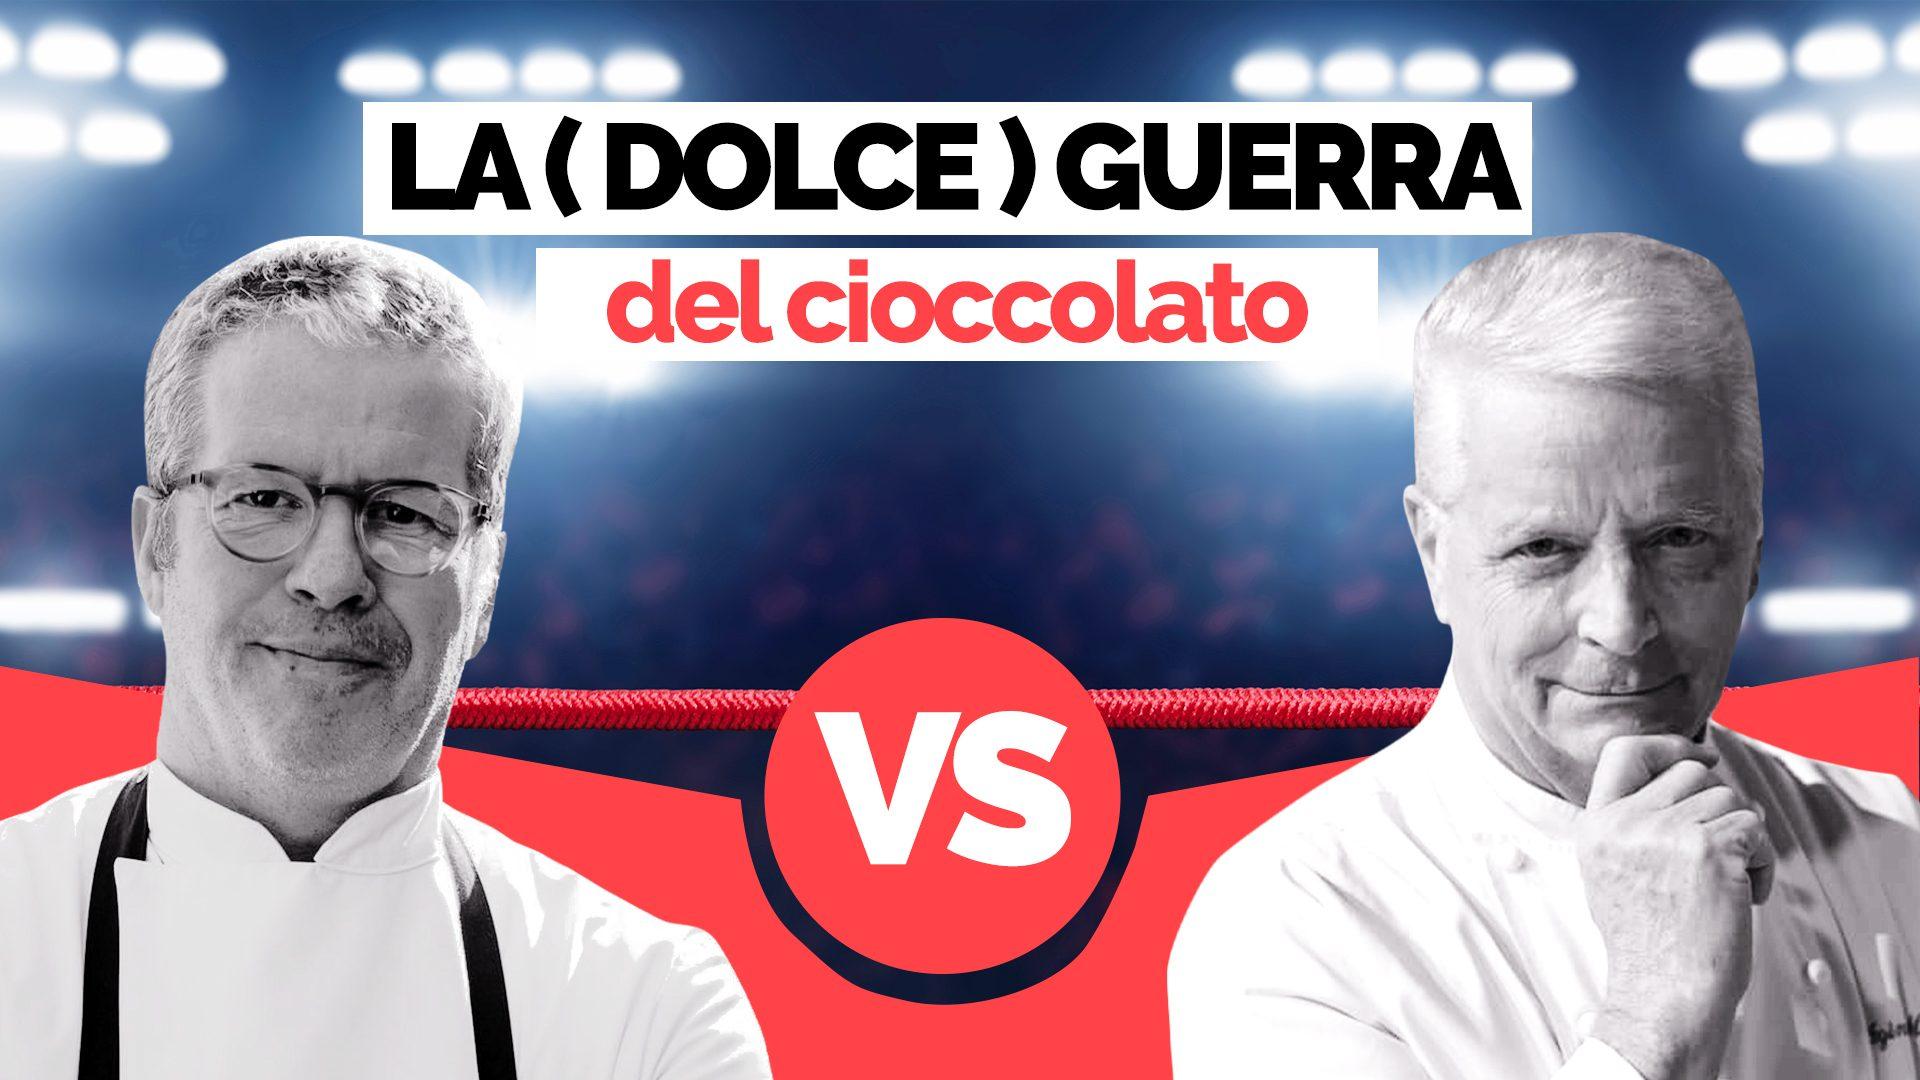 """Knam versus Massari: la """"dolce"""" guerra del cioccolato a suon di polemiche social"""